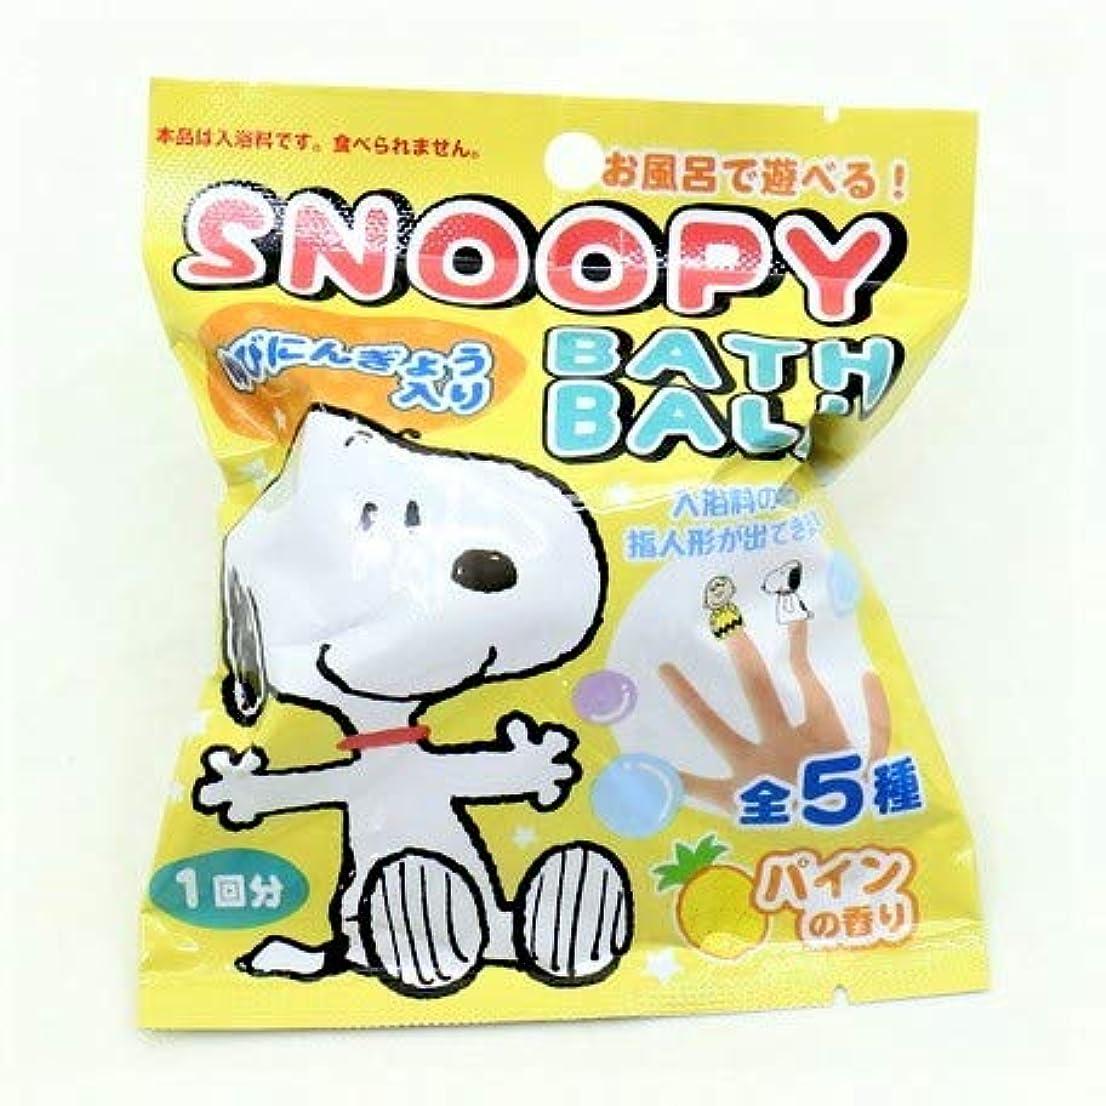 講師遺体安置所自体スヌーピー バスボール 入浴剤 パインの香り 6個1セット 指人形 Snoopy